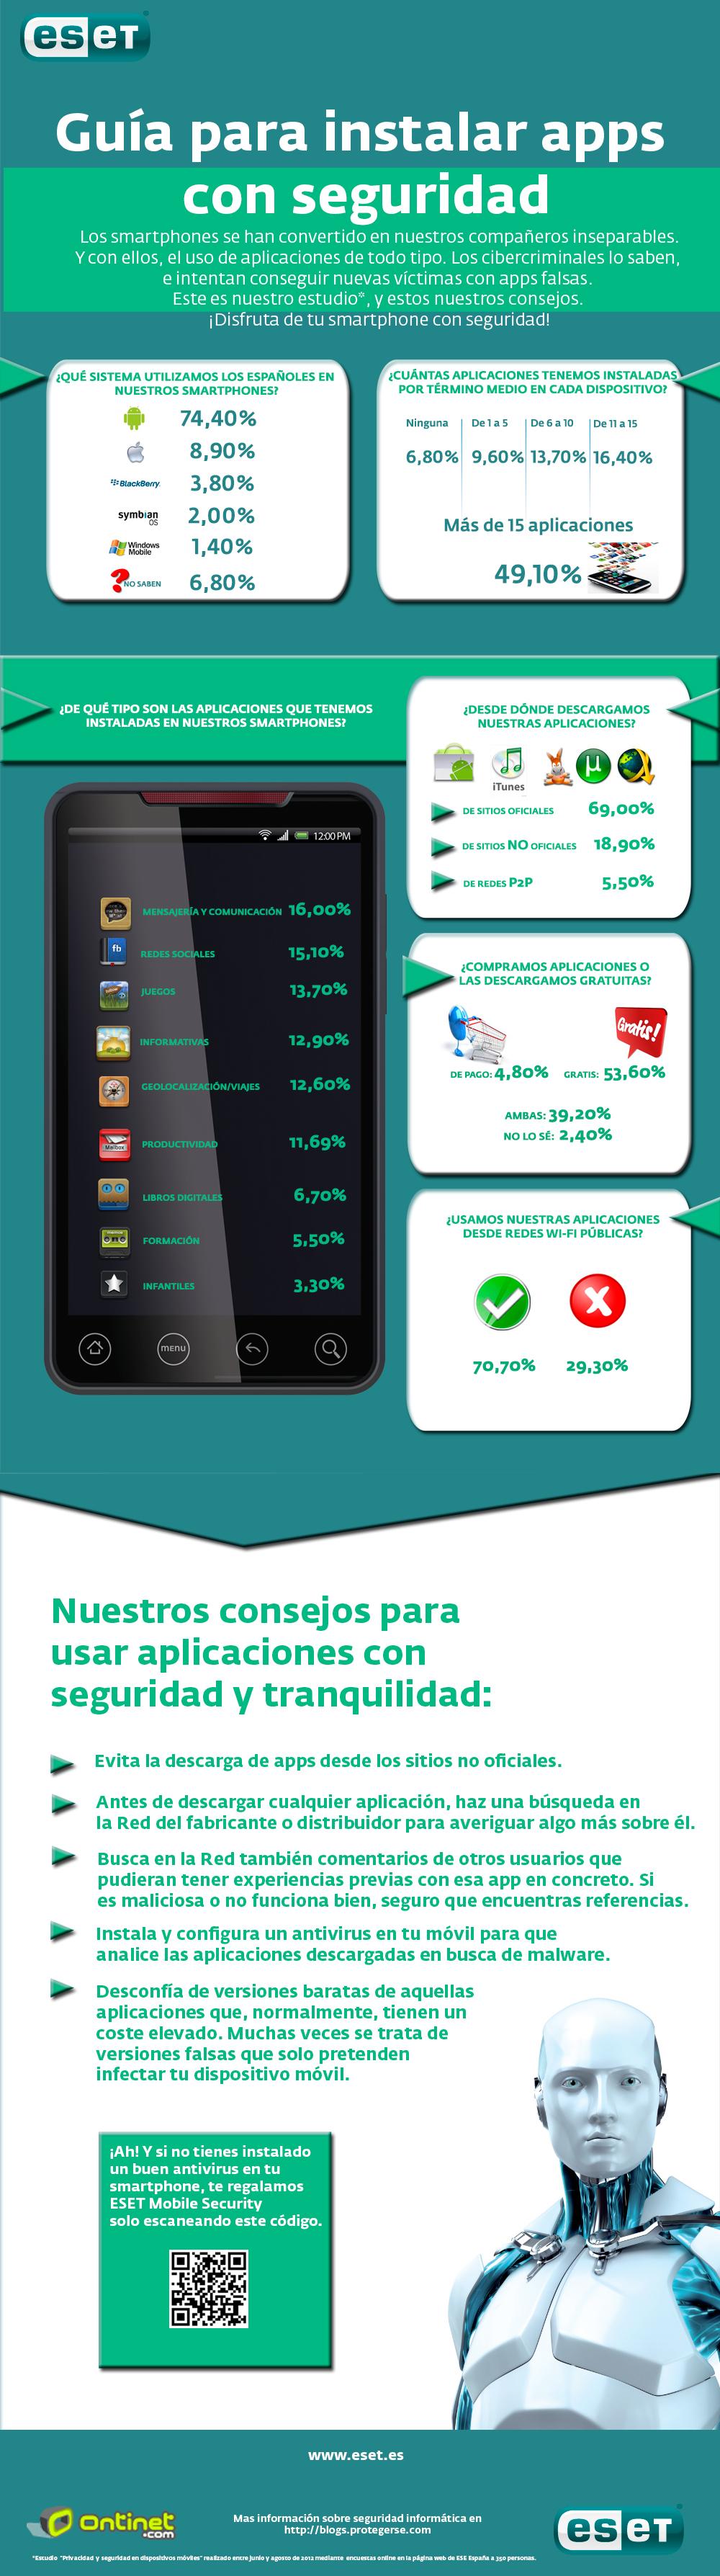 Estudio_privacidad_smartphones_aplicaciones_ESET_España